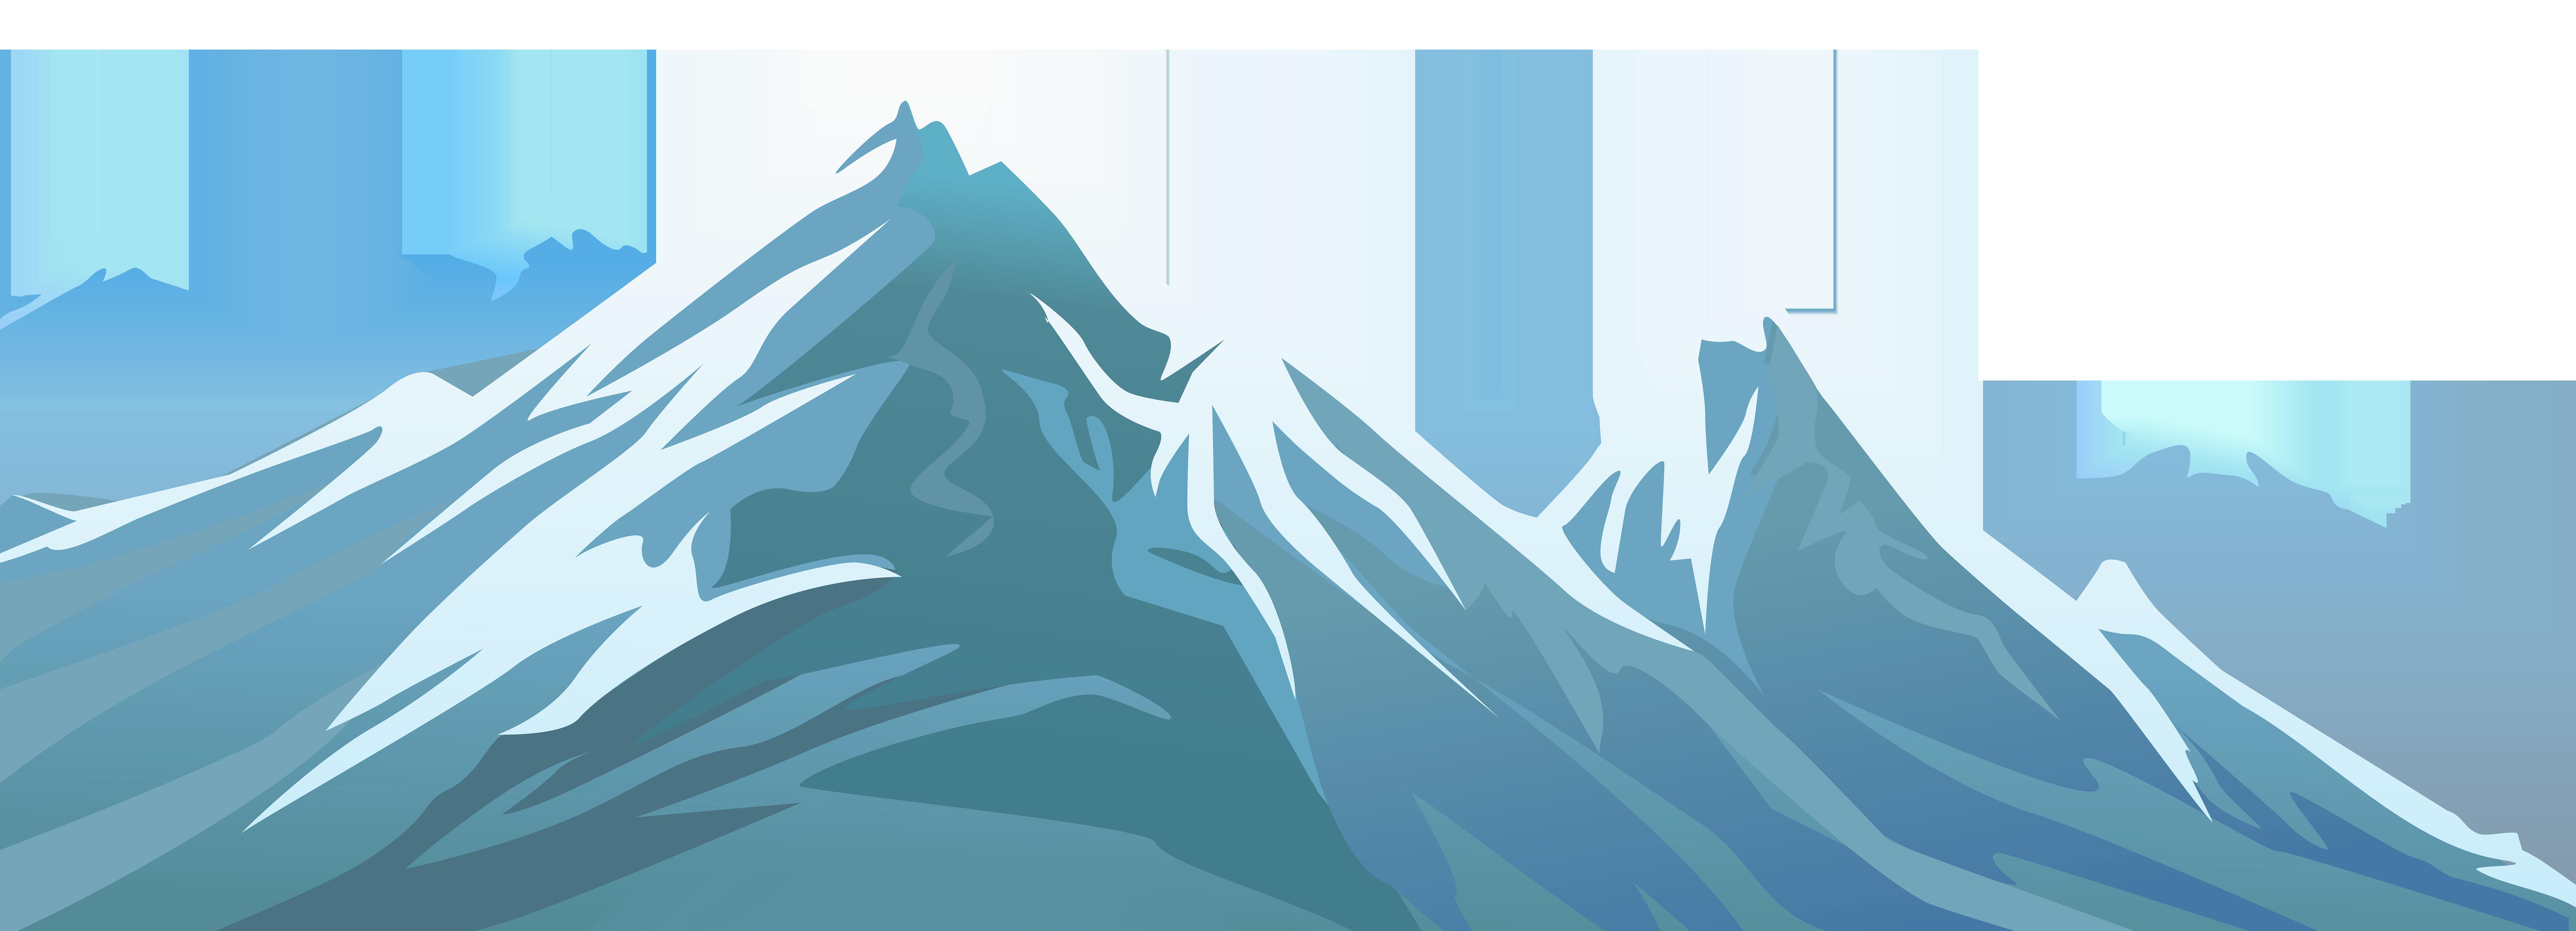 Mountain Clip art.